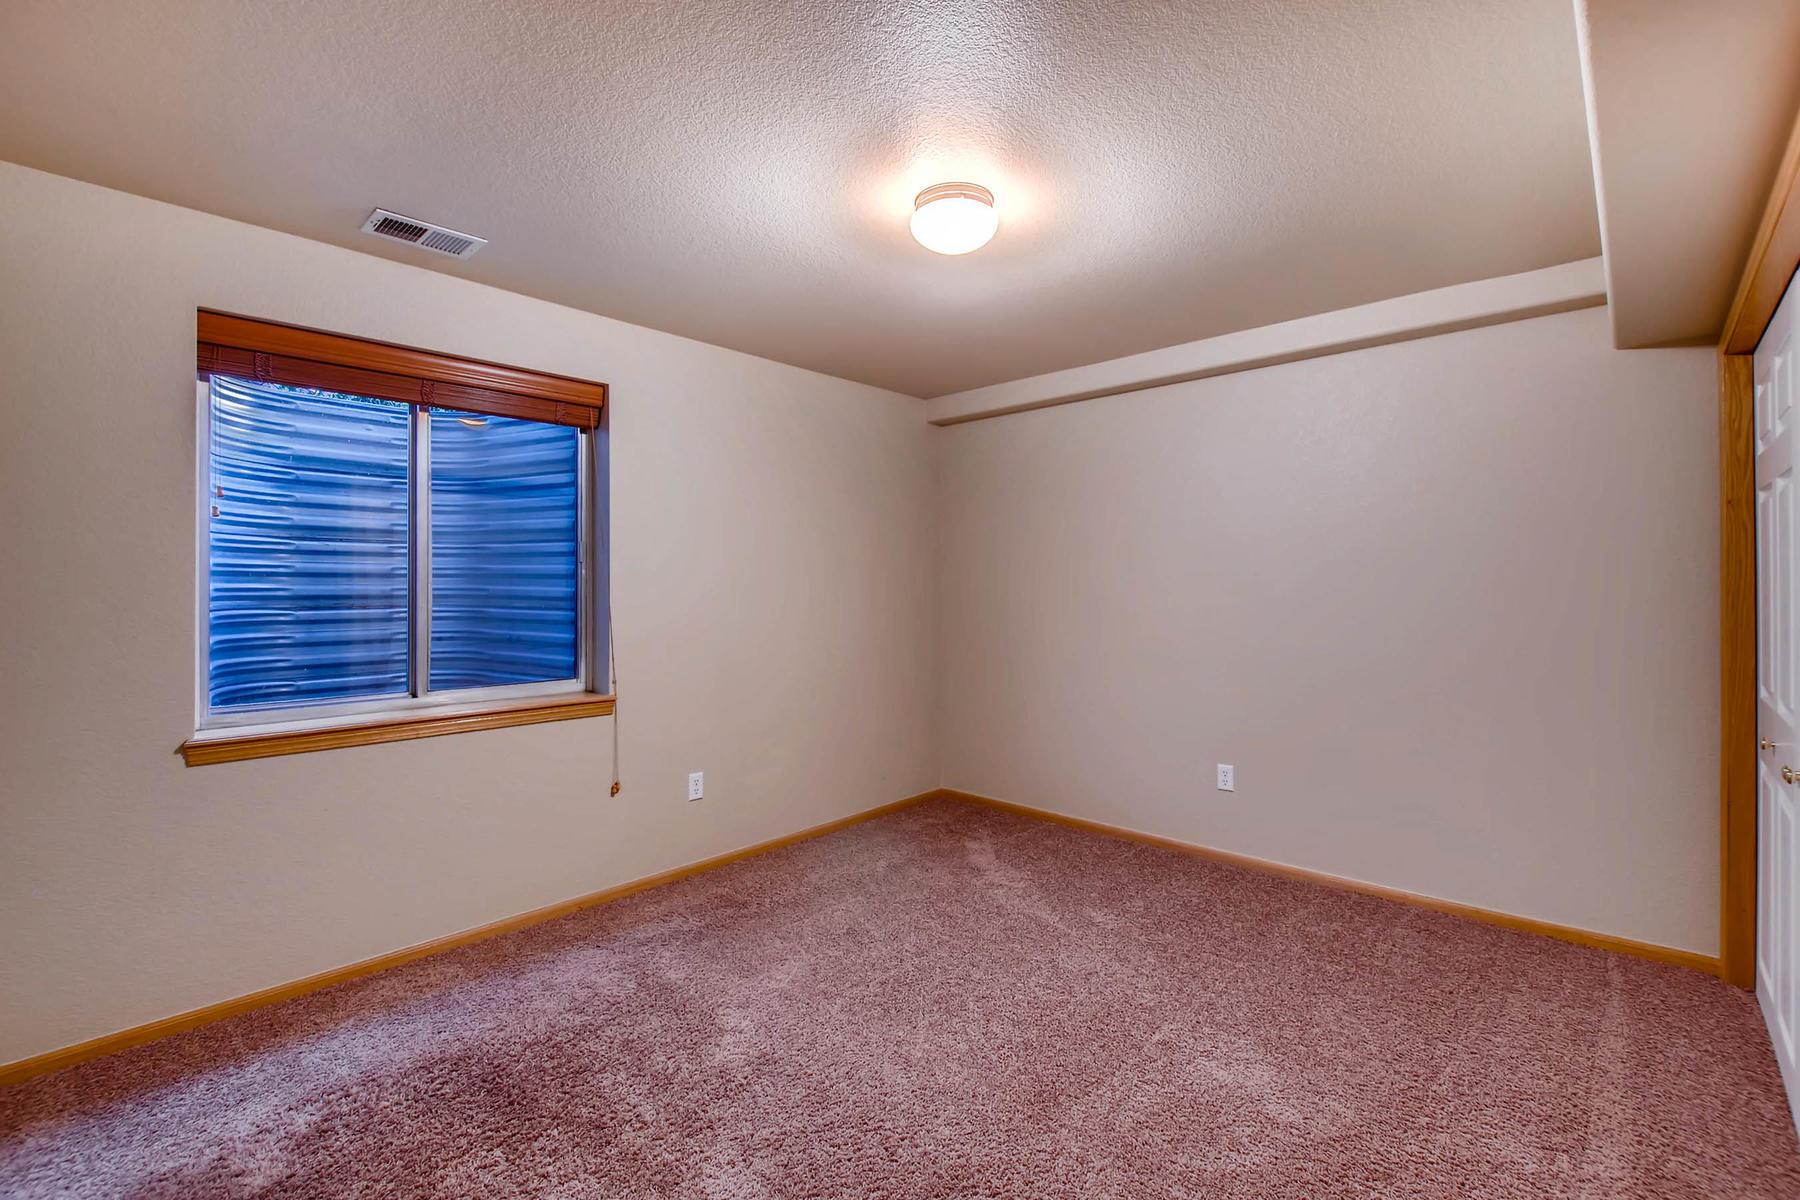 1694 Seven Lakes Dr Loveland-MLS_Size-031-23-Lower Level Bedroom-1800x1200-72dpi.jpg